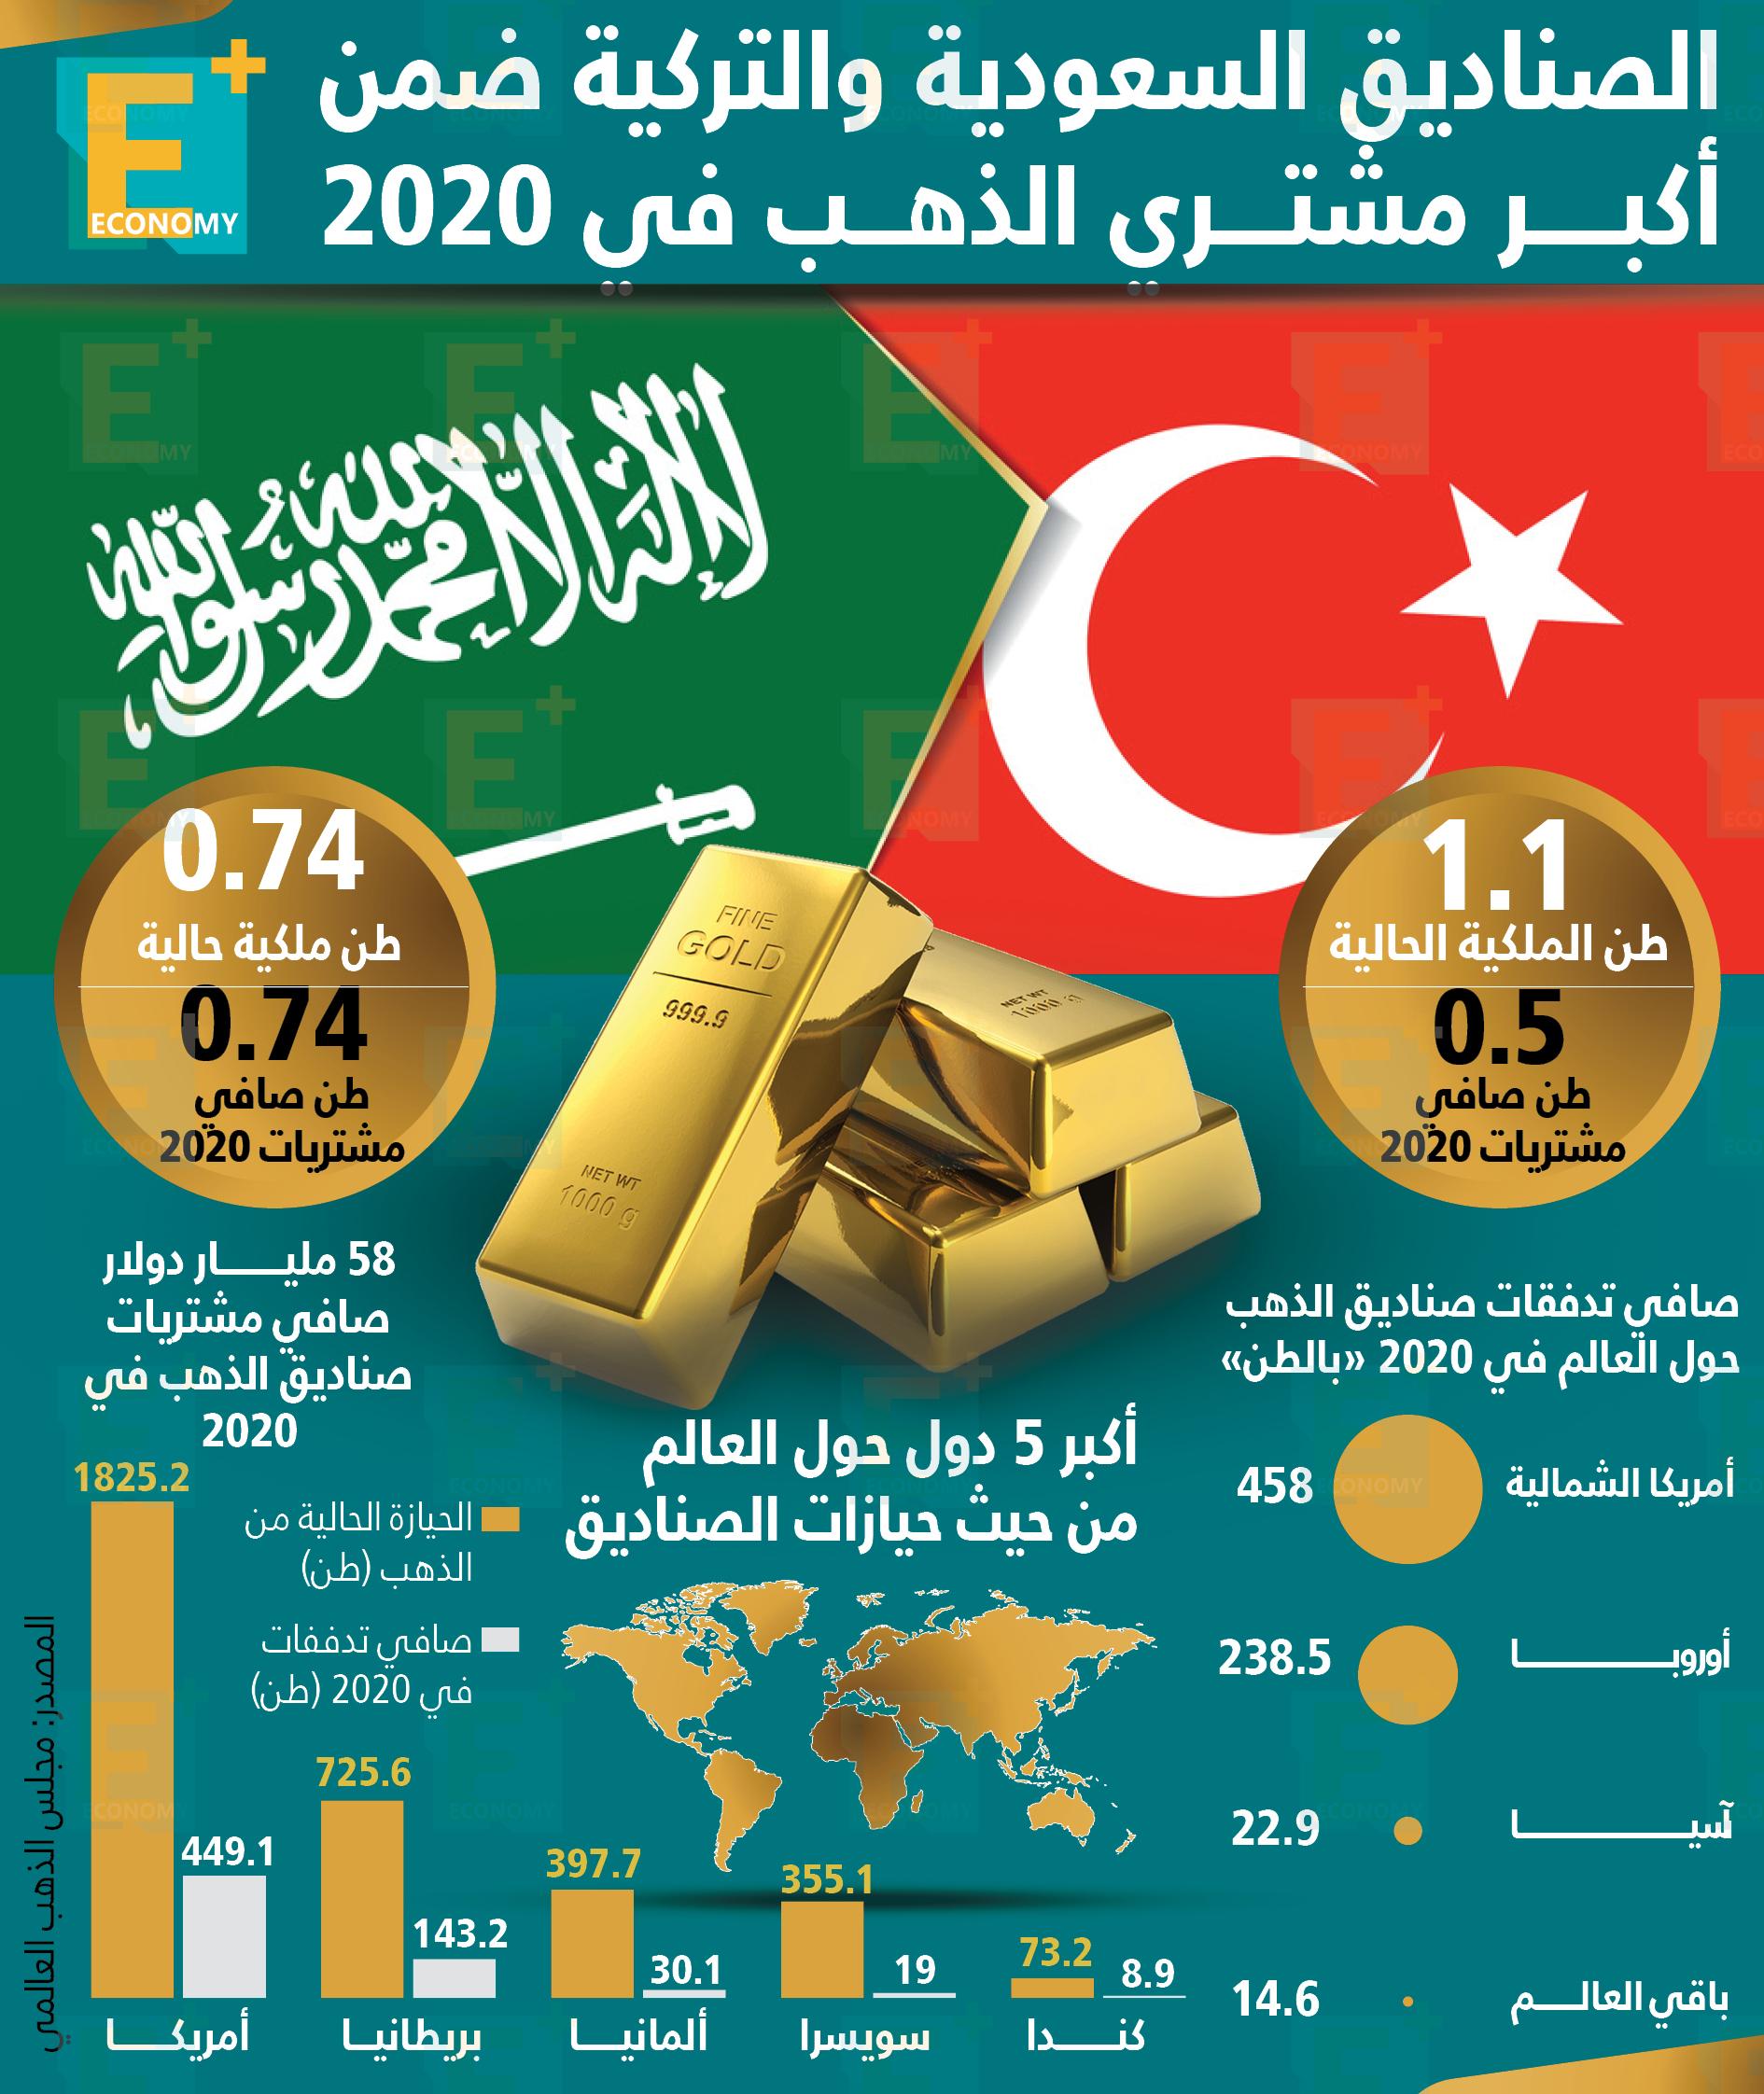 الصناديق السعودية والتركية ضمن أكبر مشتري الذهب في 2020